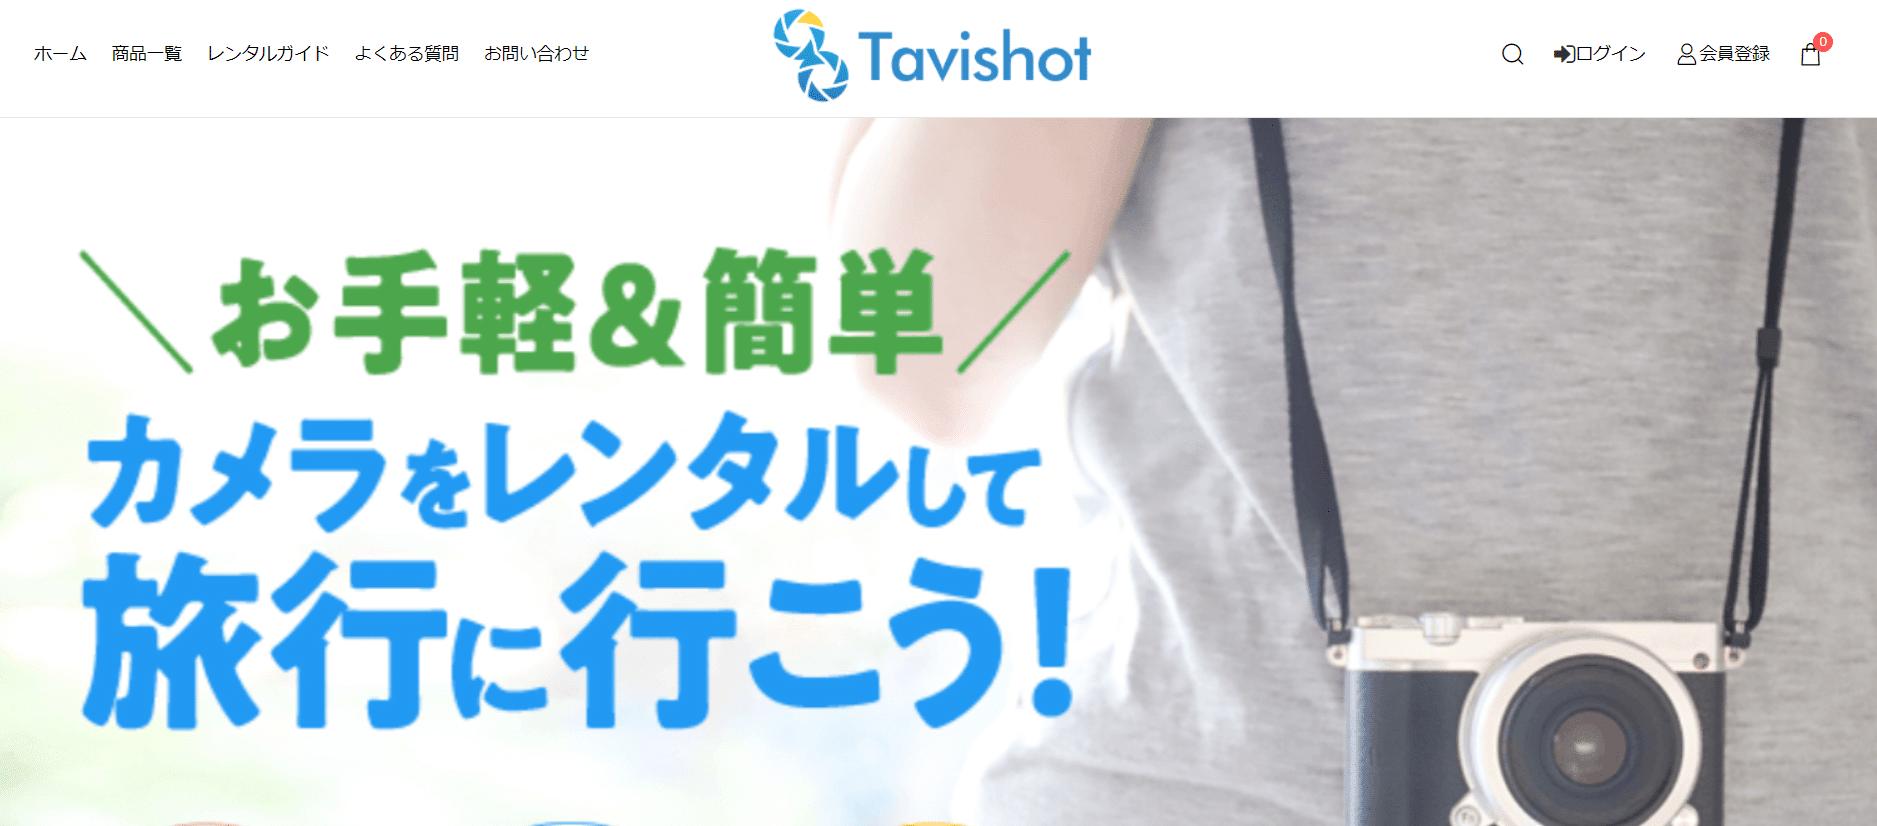 カメラレンタルサービス「Tavishot(タビショット)」が気になった話